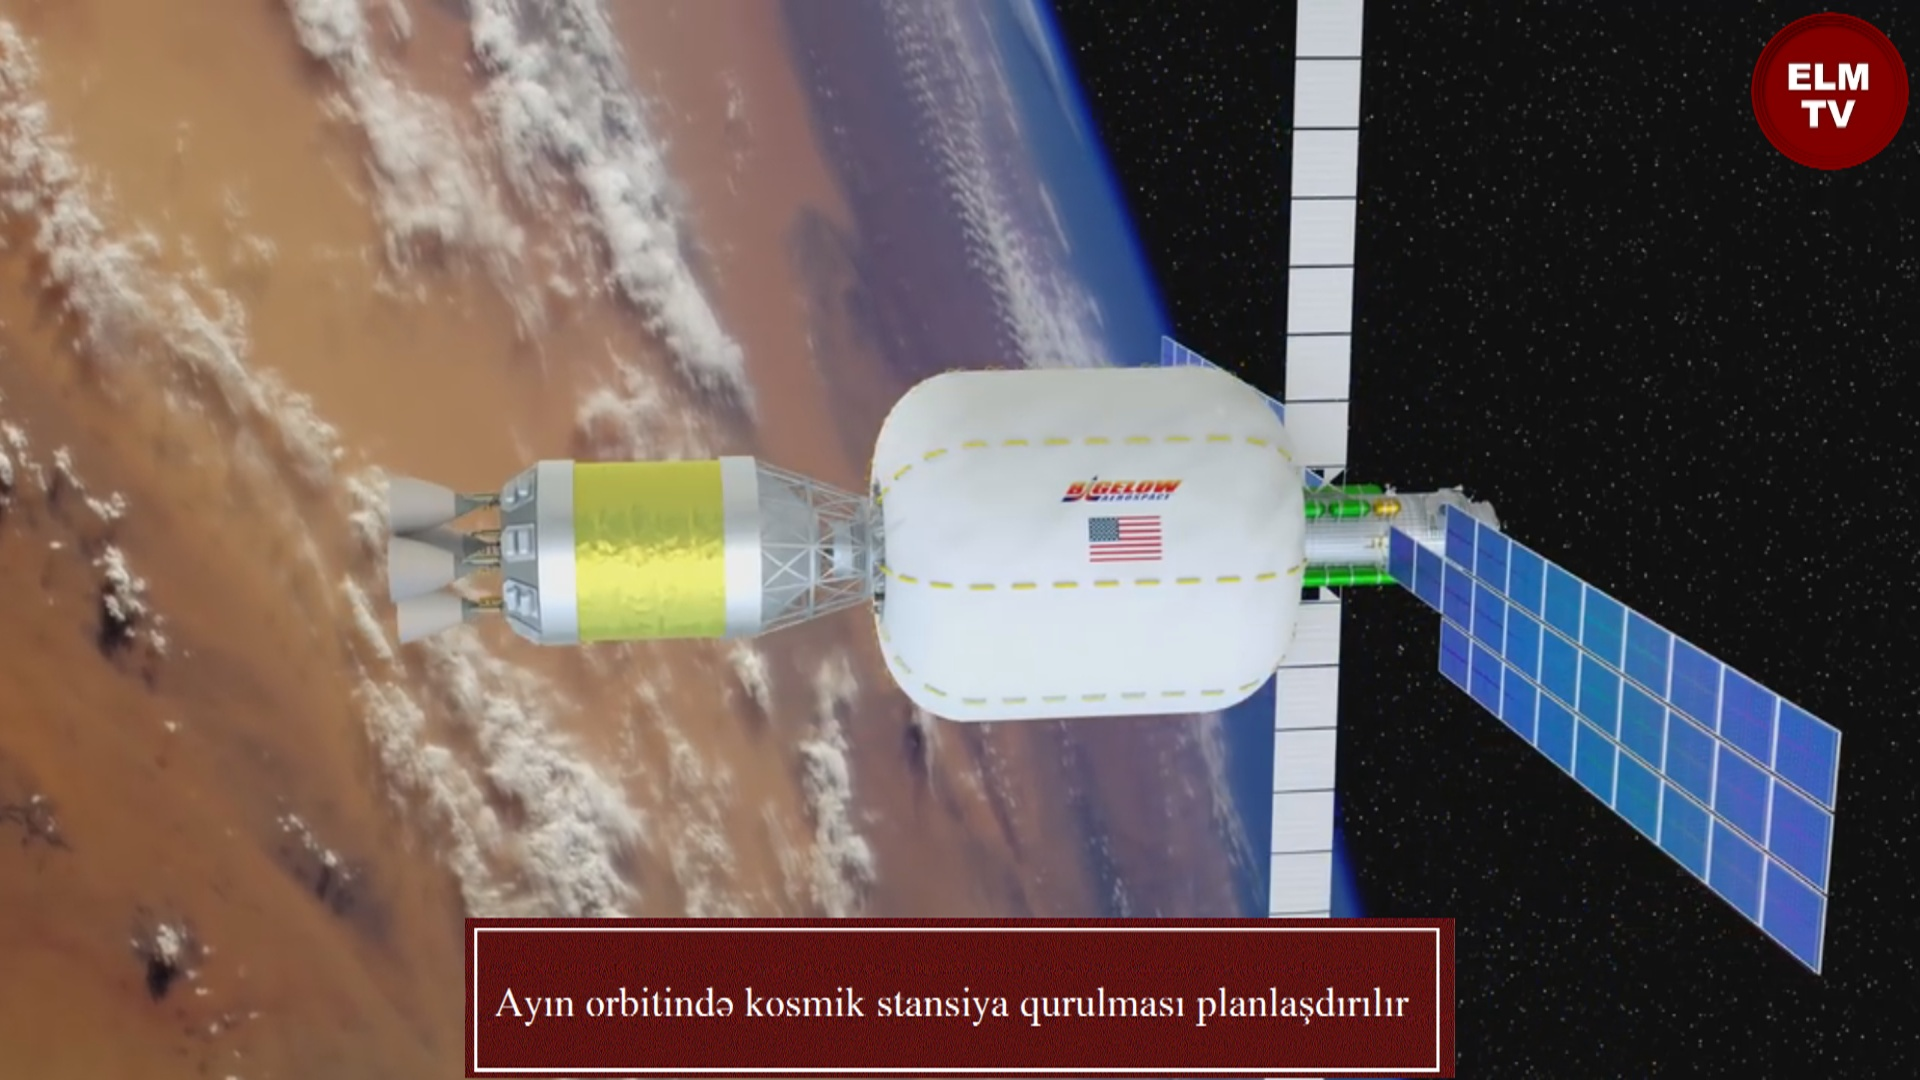 Ayın orbitində kosmik stansiya qurulması planlaşdırılır